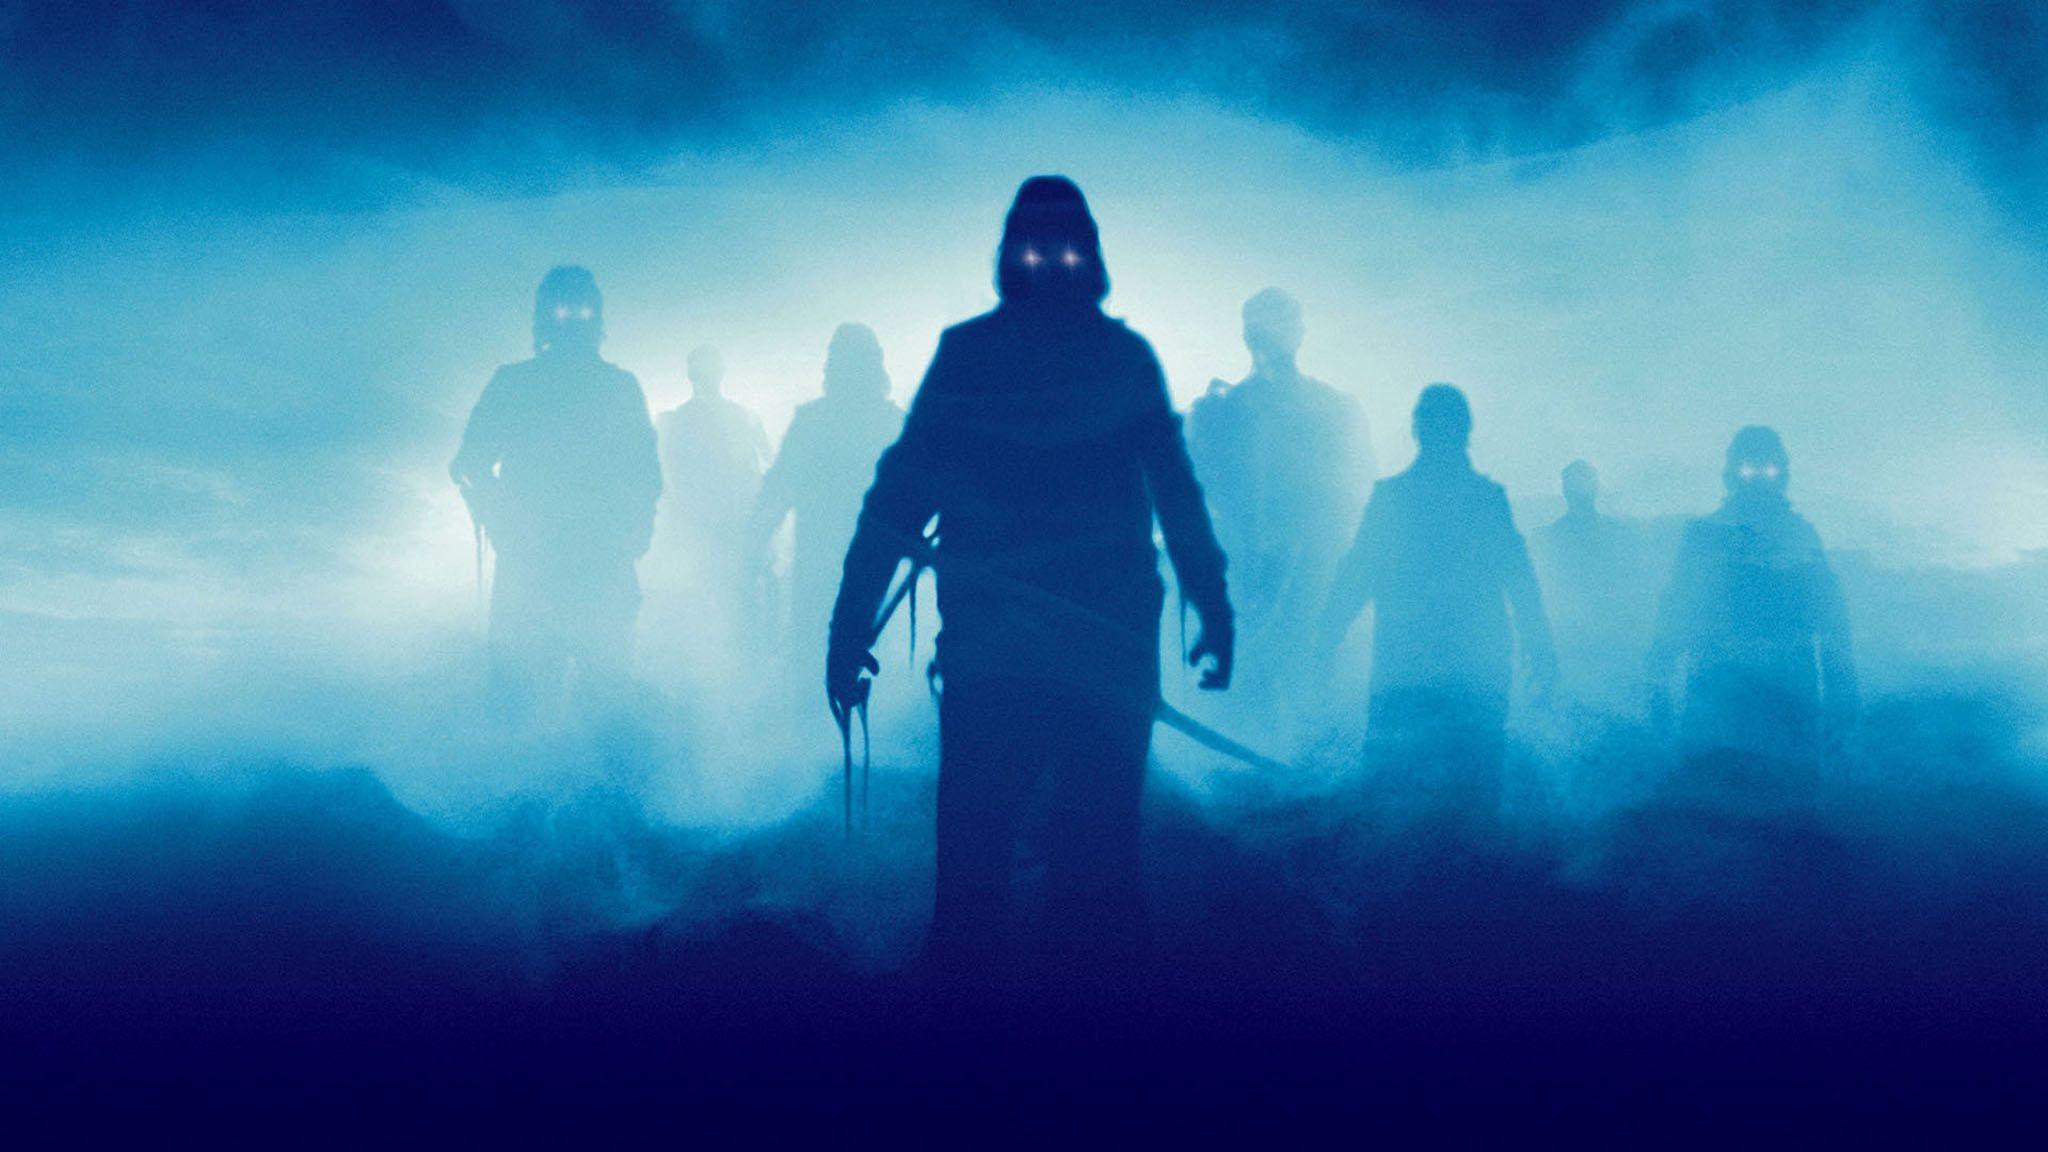 The Fog, John Carpenter The Fog 1080p Wallpaper